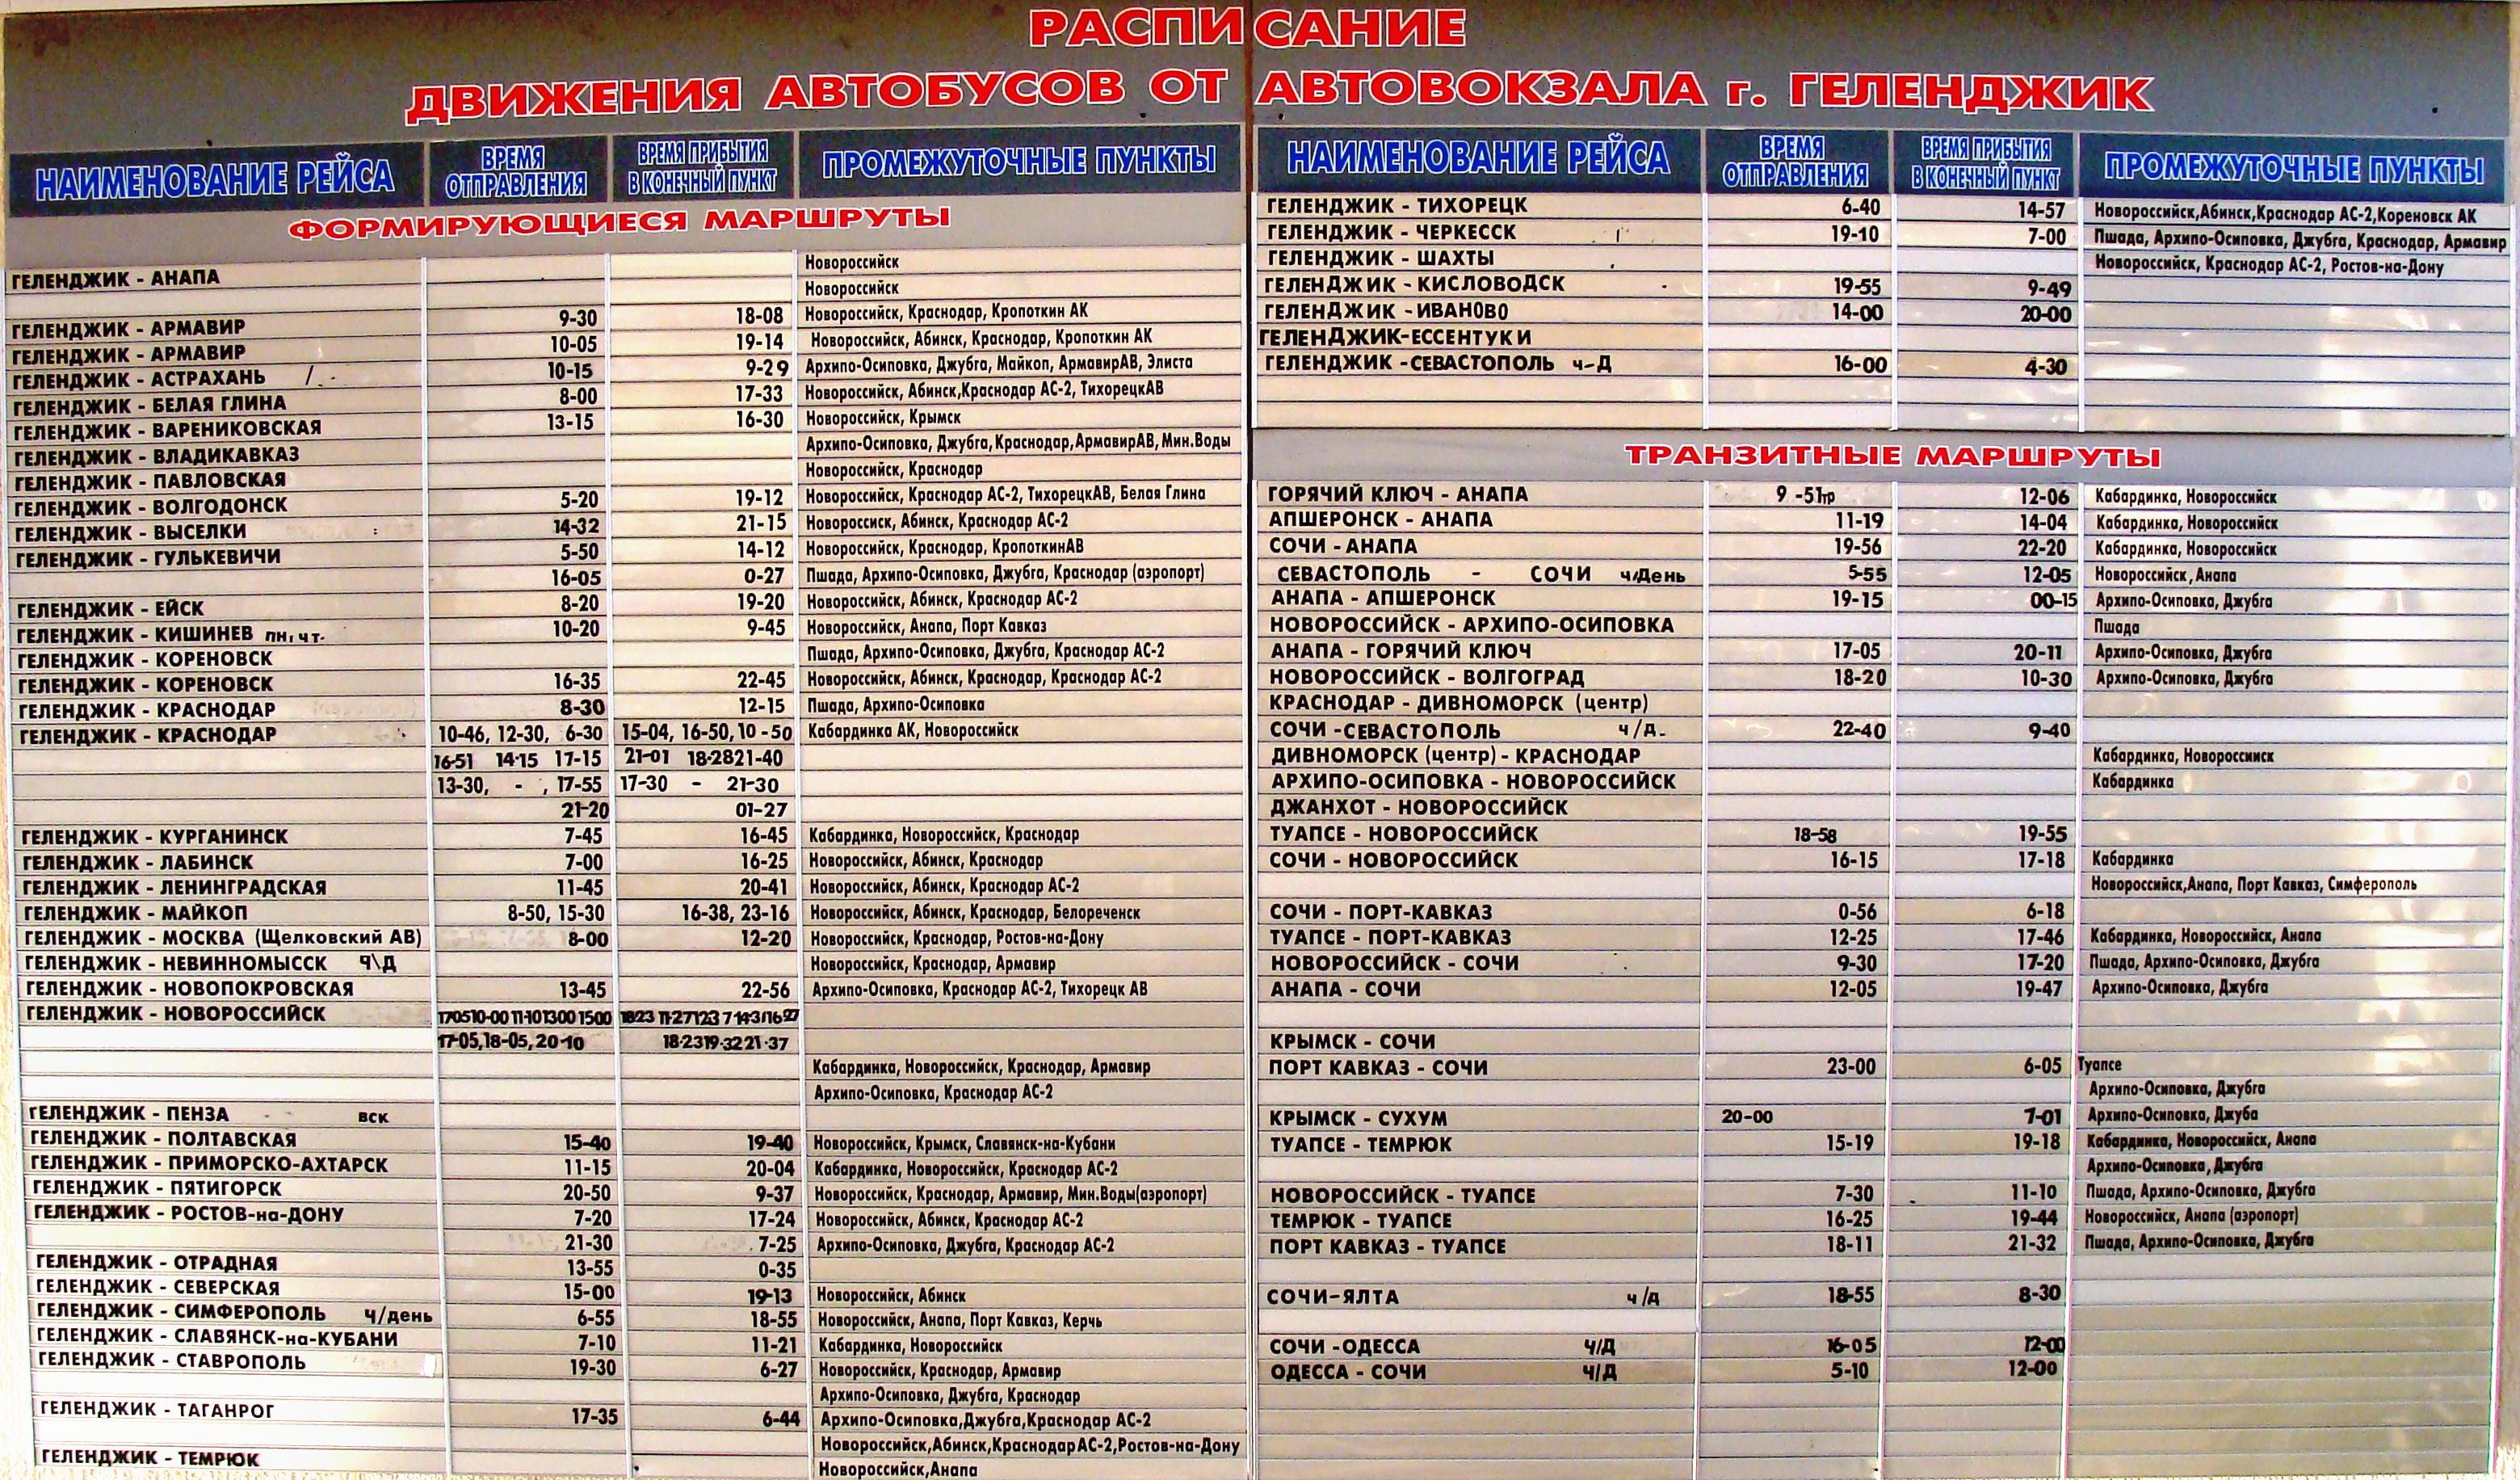 расписание автобусов анапа геленджик 2016 цена билета возникают